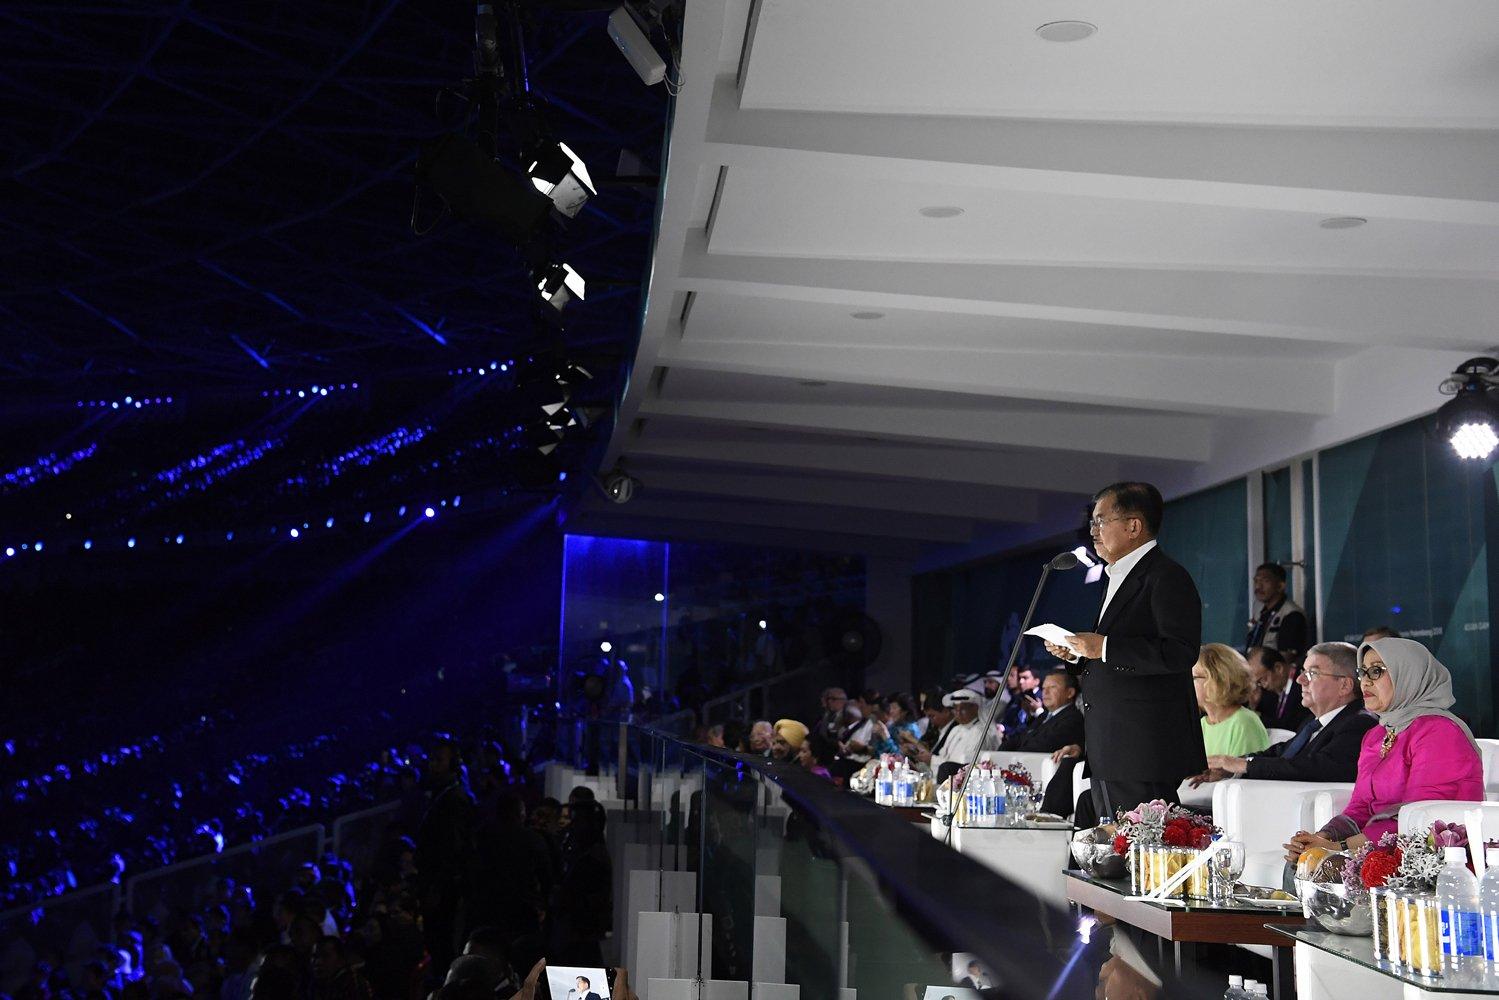 Wakil Presiden Jusuf Kalla memberikan sambutan pada Upacara Penutupan Asian Games ke 18 Tahun 2018 di Stadion Utama Gelora Bung Karno (GBK), Senayan, Jakarta, Minggu (2/9).